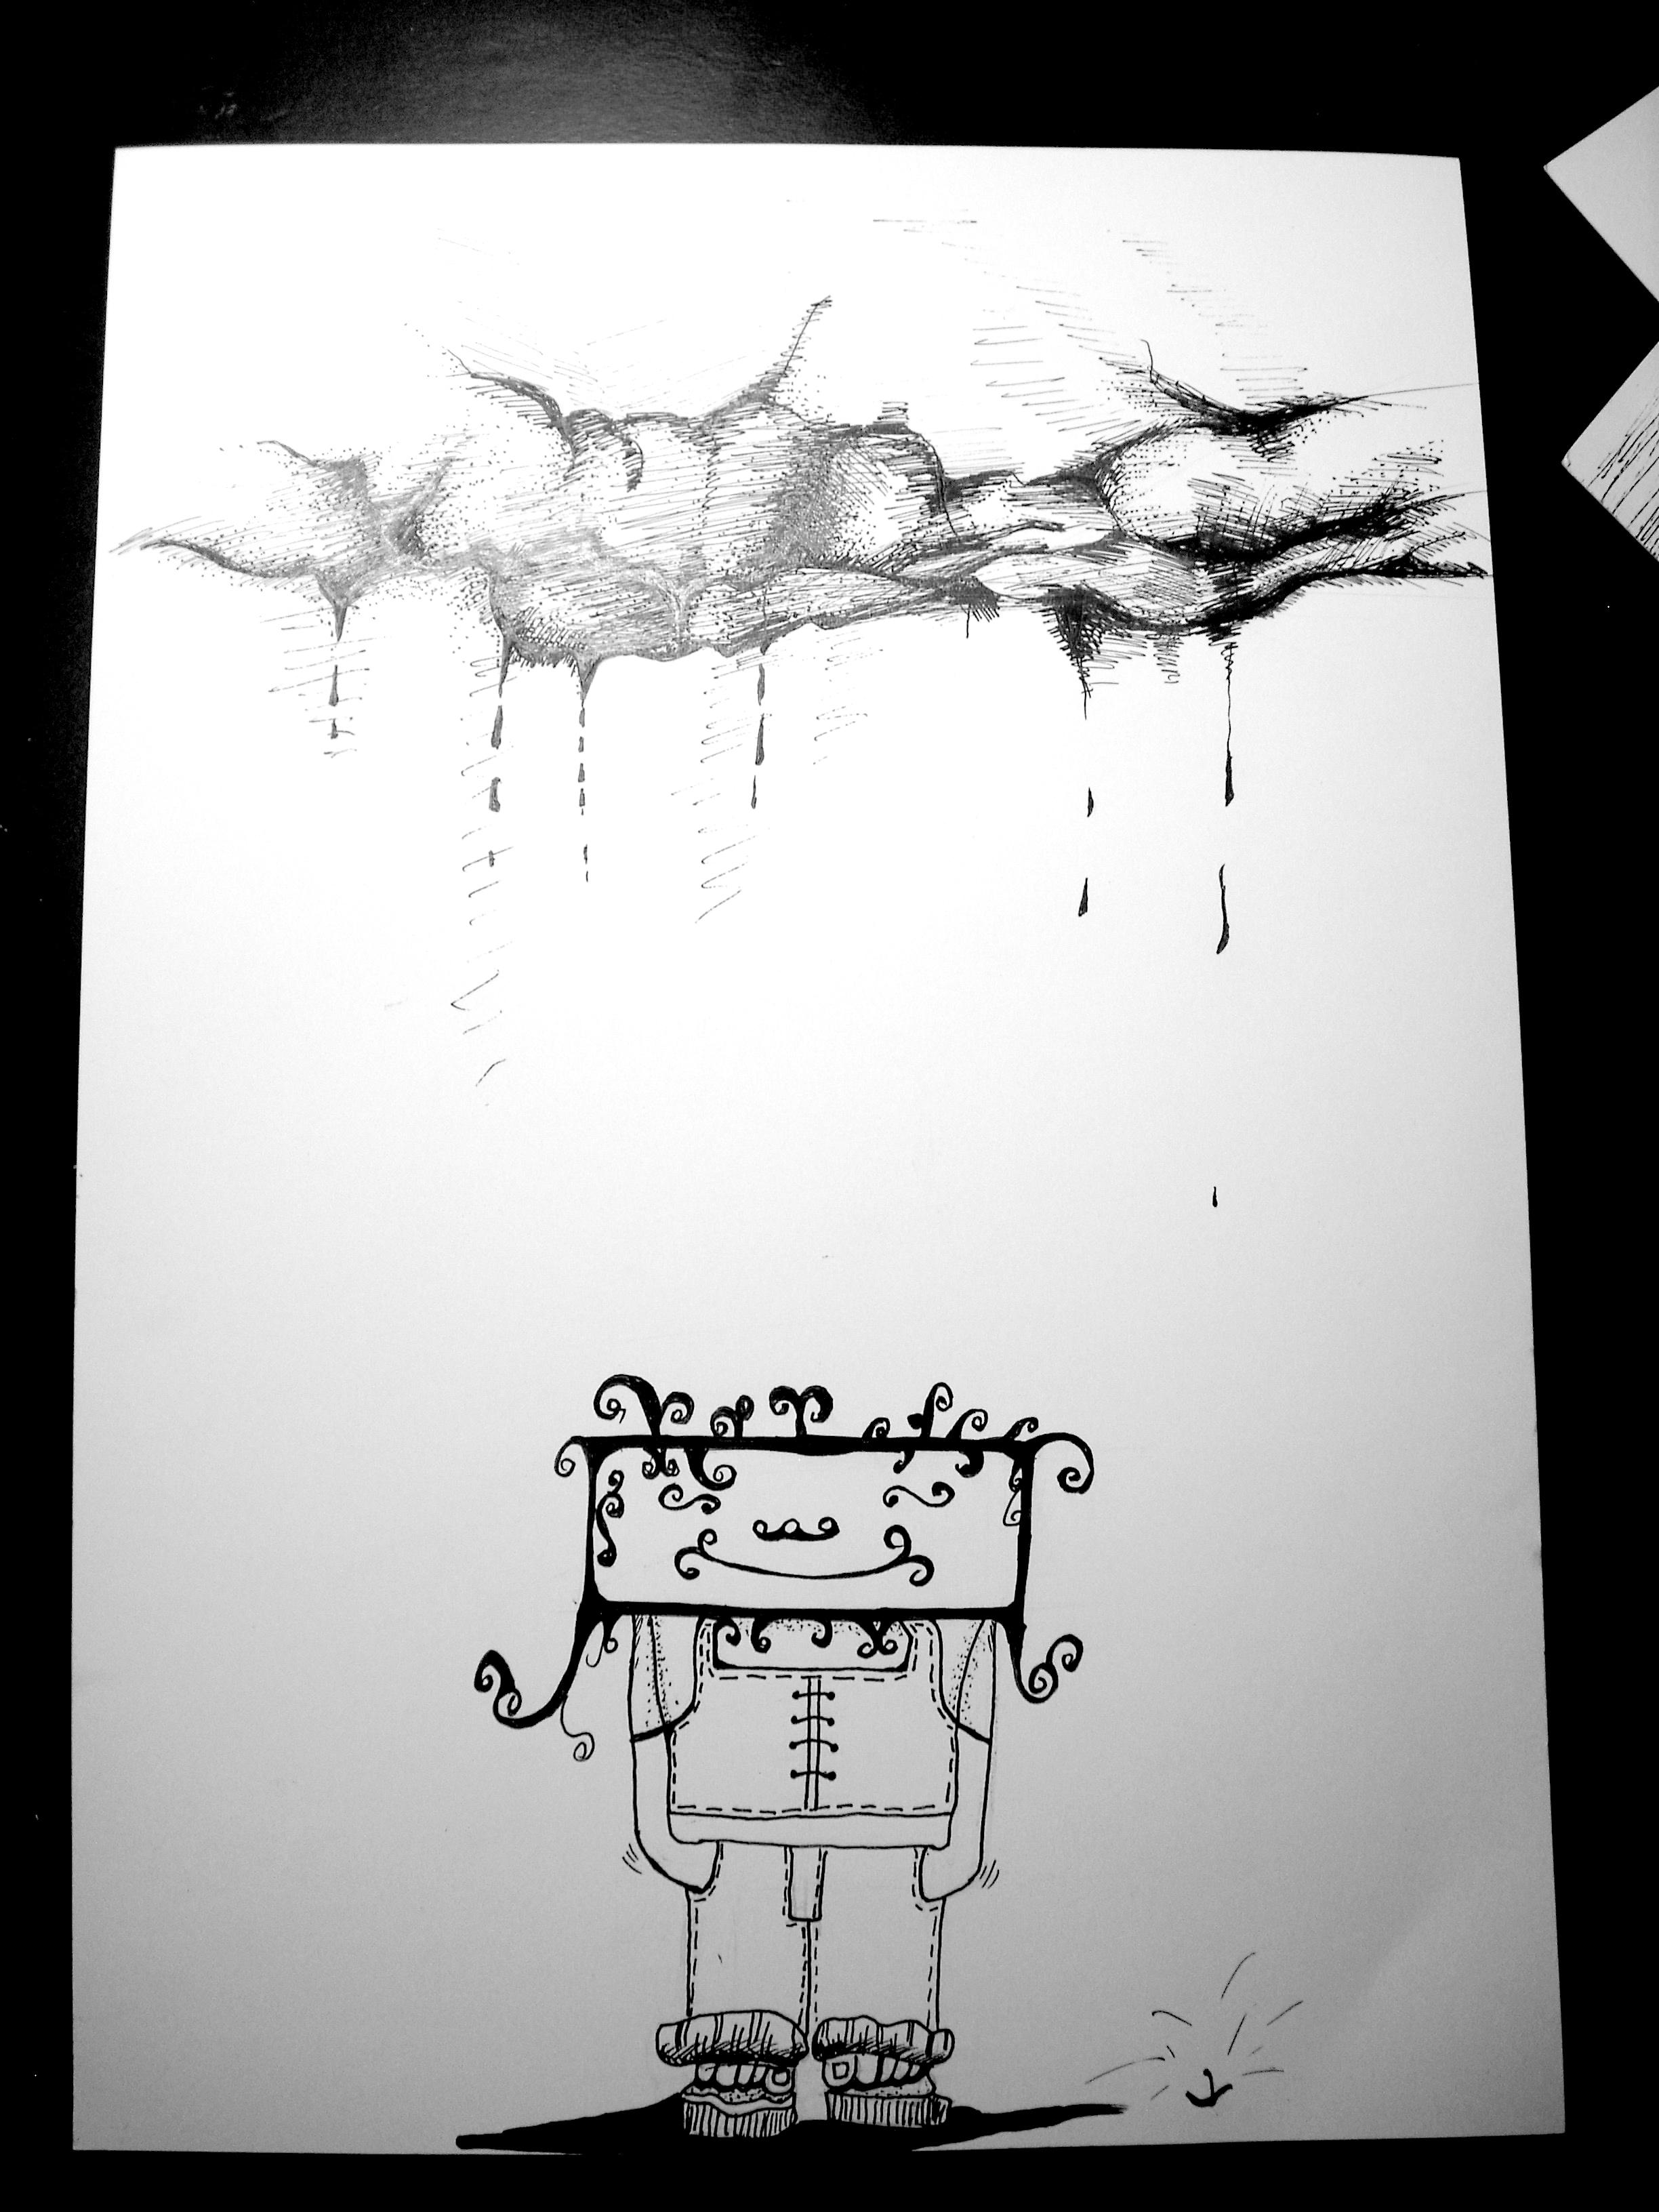 黑白手绘抽象画